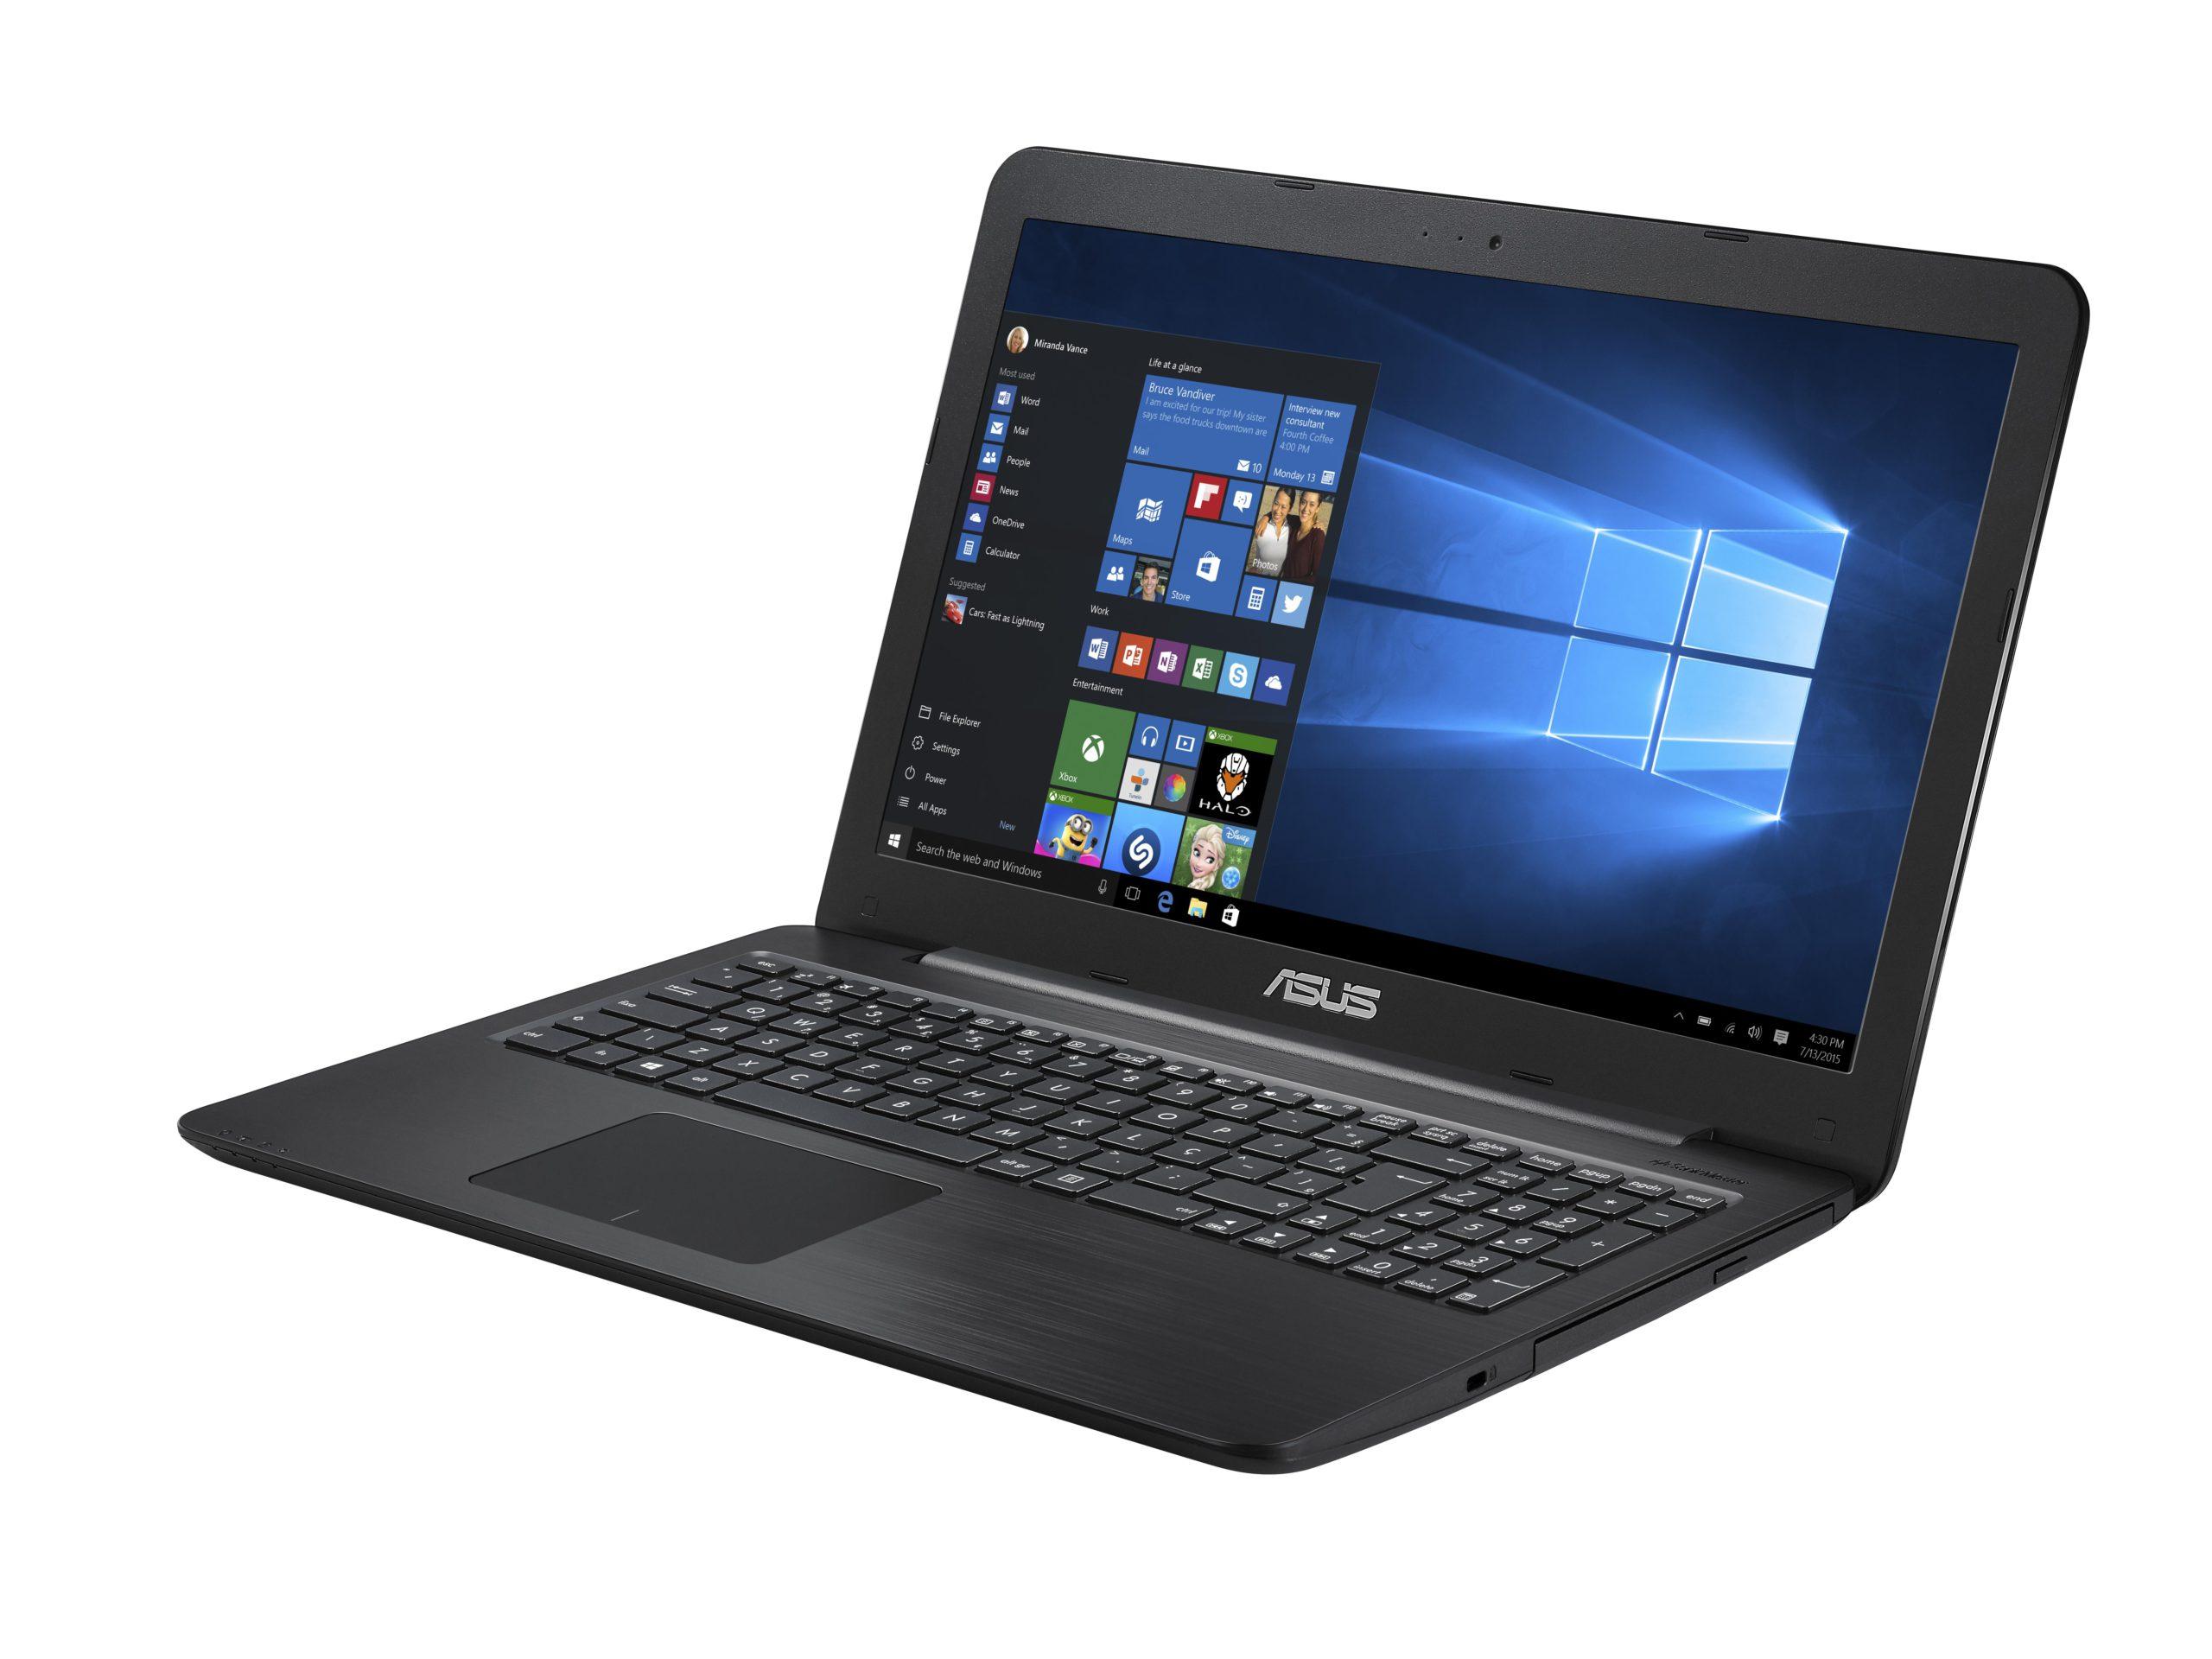 На фото модель ASUS VivoBook F543UB-DM1319